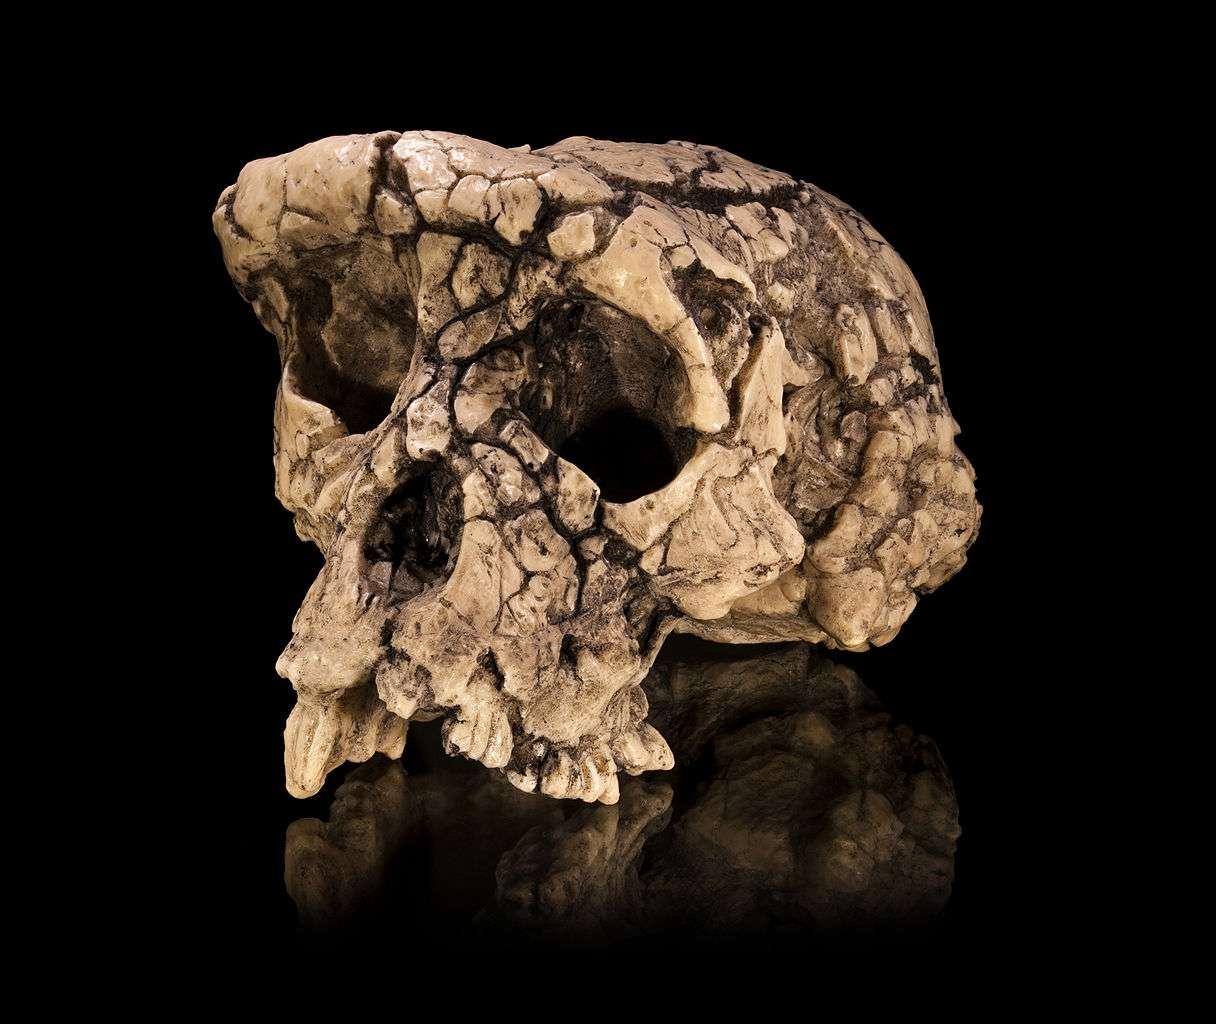 Pour certains spécialistes, Toumaï (Sahelanthropus tchadensis, un hominidé fossile ayant vécu voilà sept millions d'années), dont on voit un moulage du crâne, serait proche de l'ancêtre commun à l'Homme et au chimpanzé. © Didier Descouens, Wikipédia, cc by sa 3.0